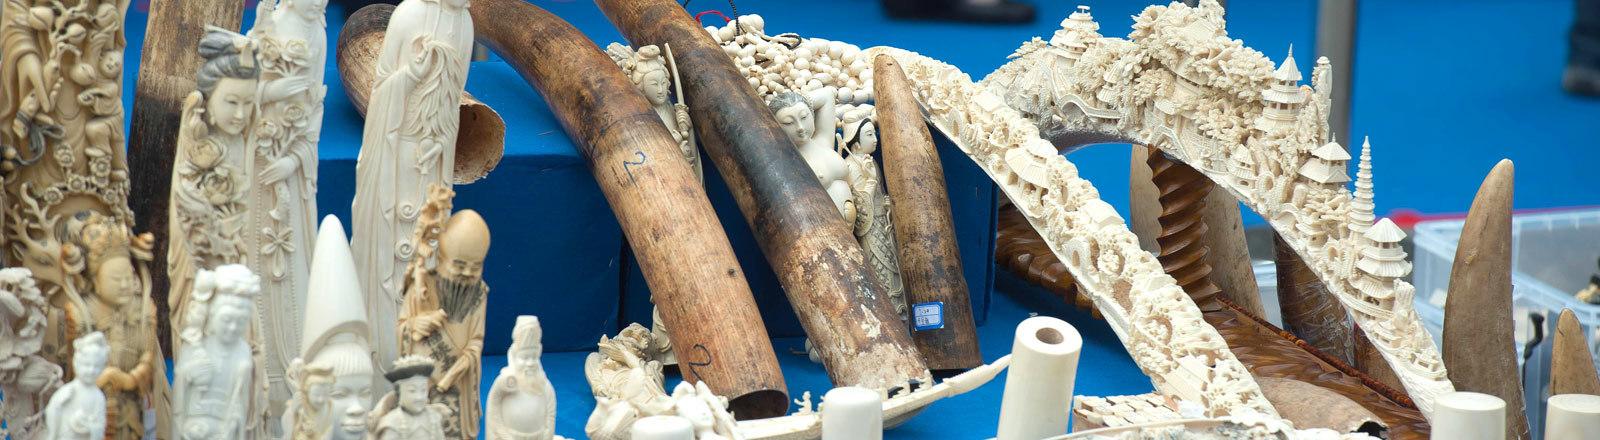 beschlagtnahmtes Elfenbein in China